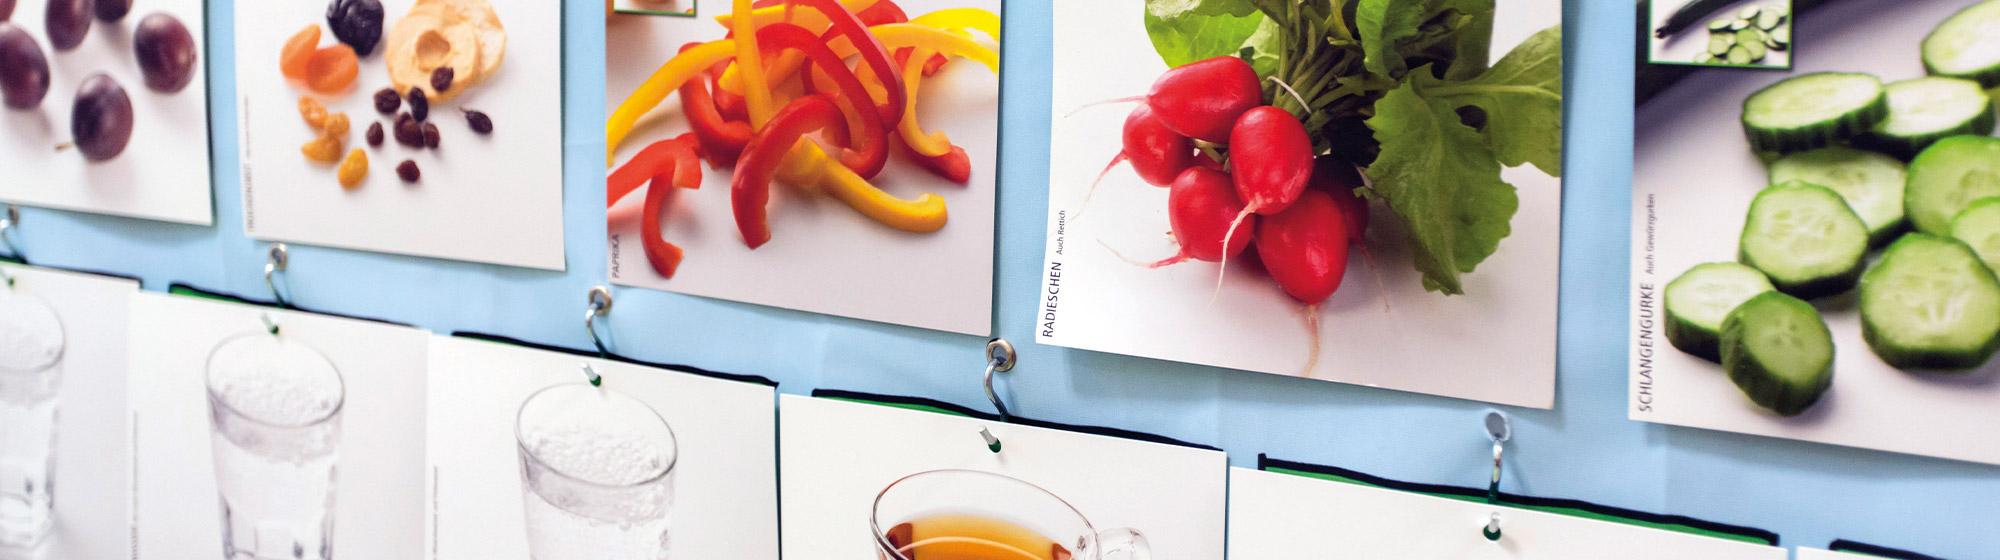 Plakatwand auf der Fotografien von Lebensmittel angepinnt sind: zum Beispiel Backwaren, Kartoffeln, Paprika, Radieschen, Gurken und Getränke wie Wasser und Tee